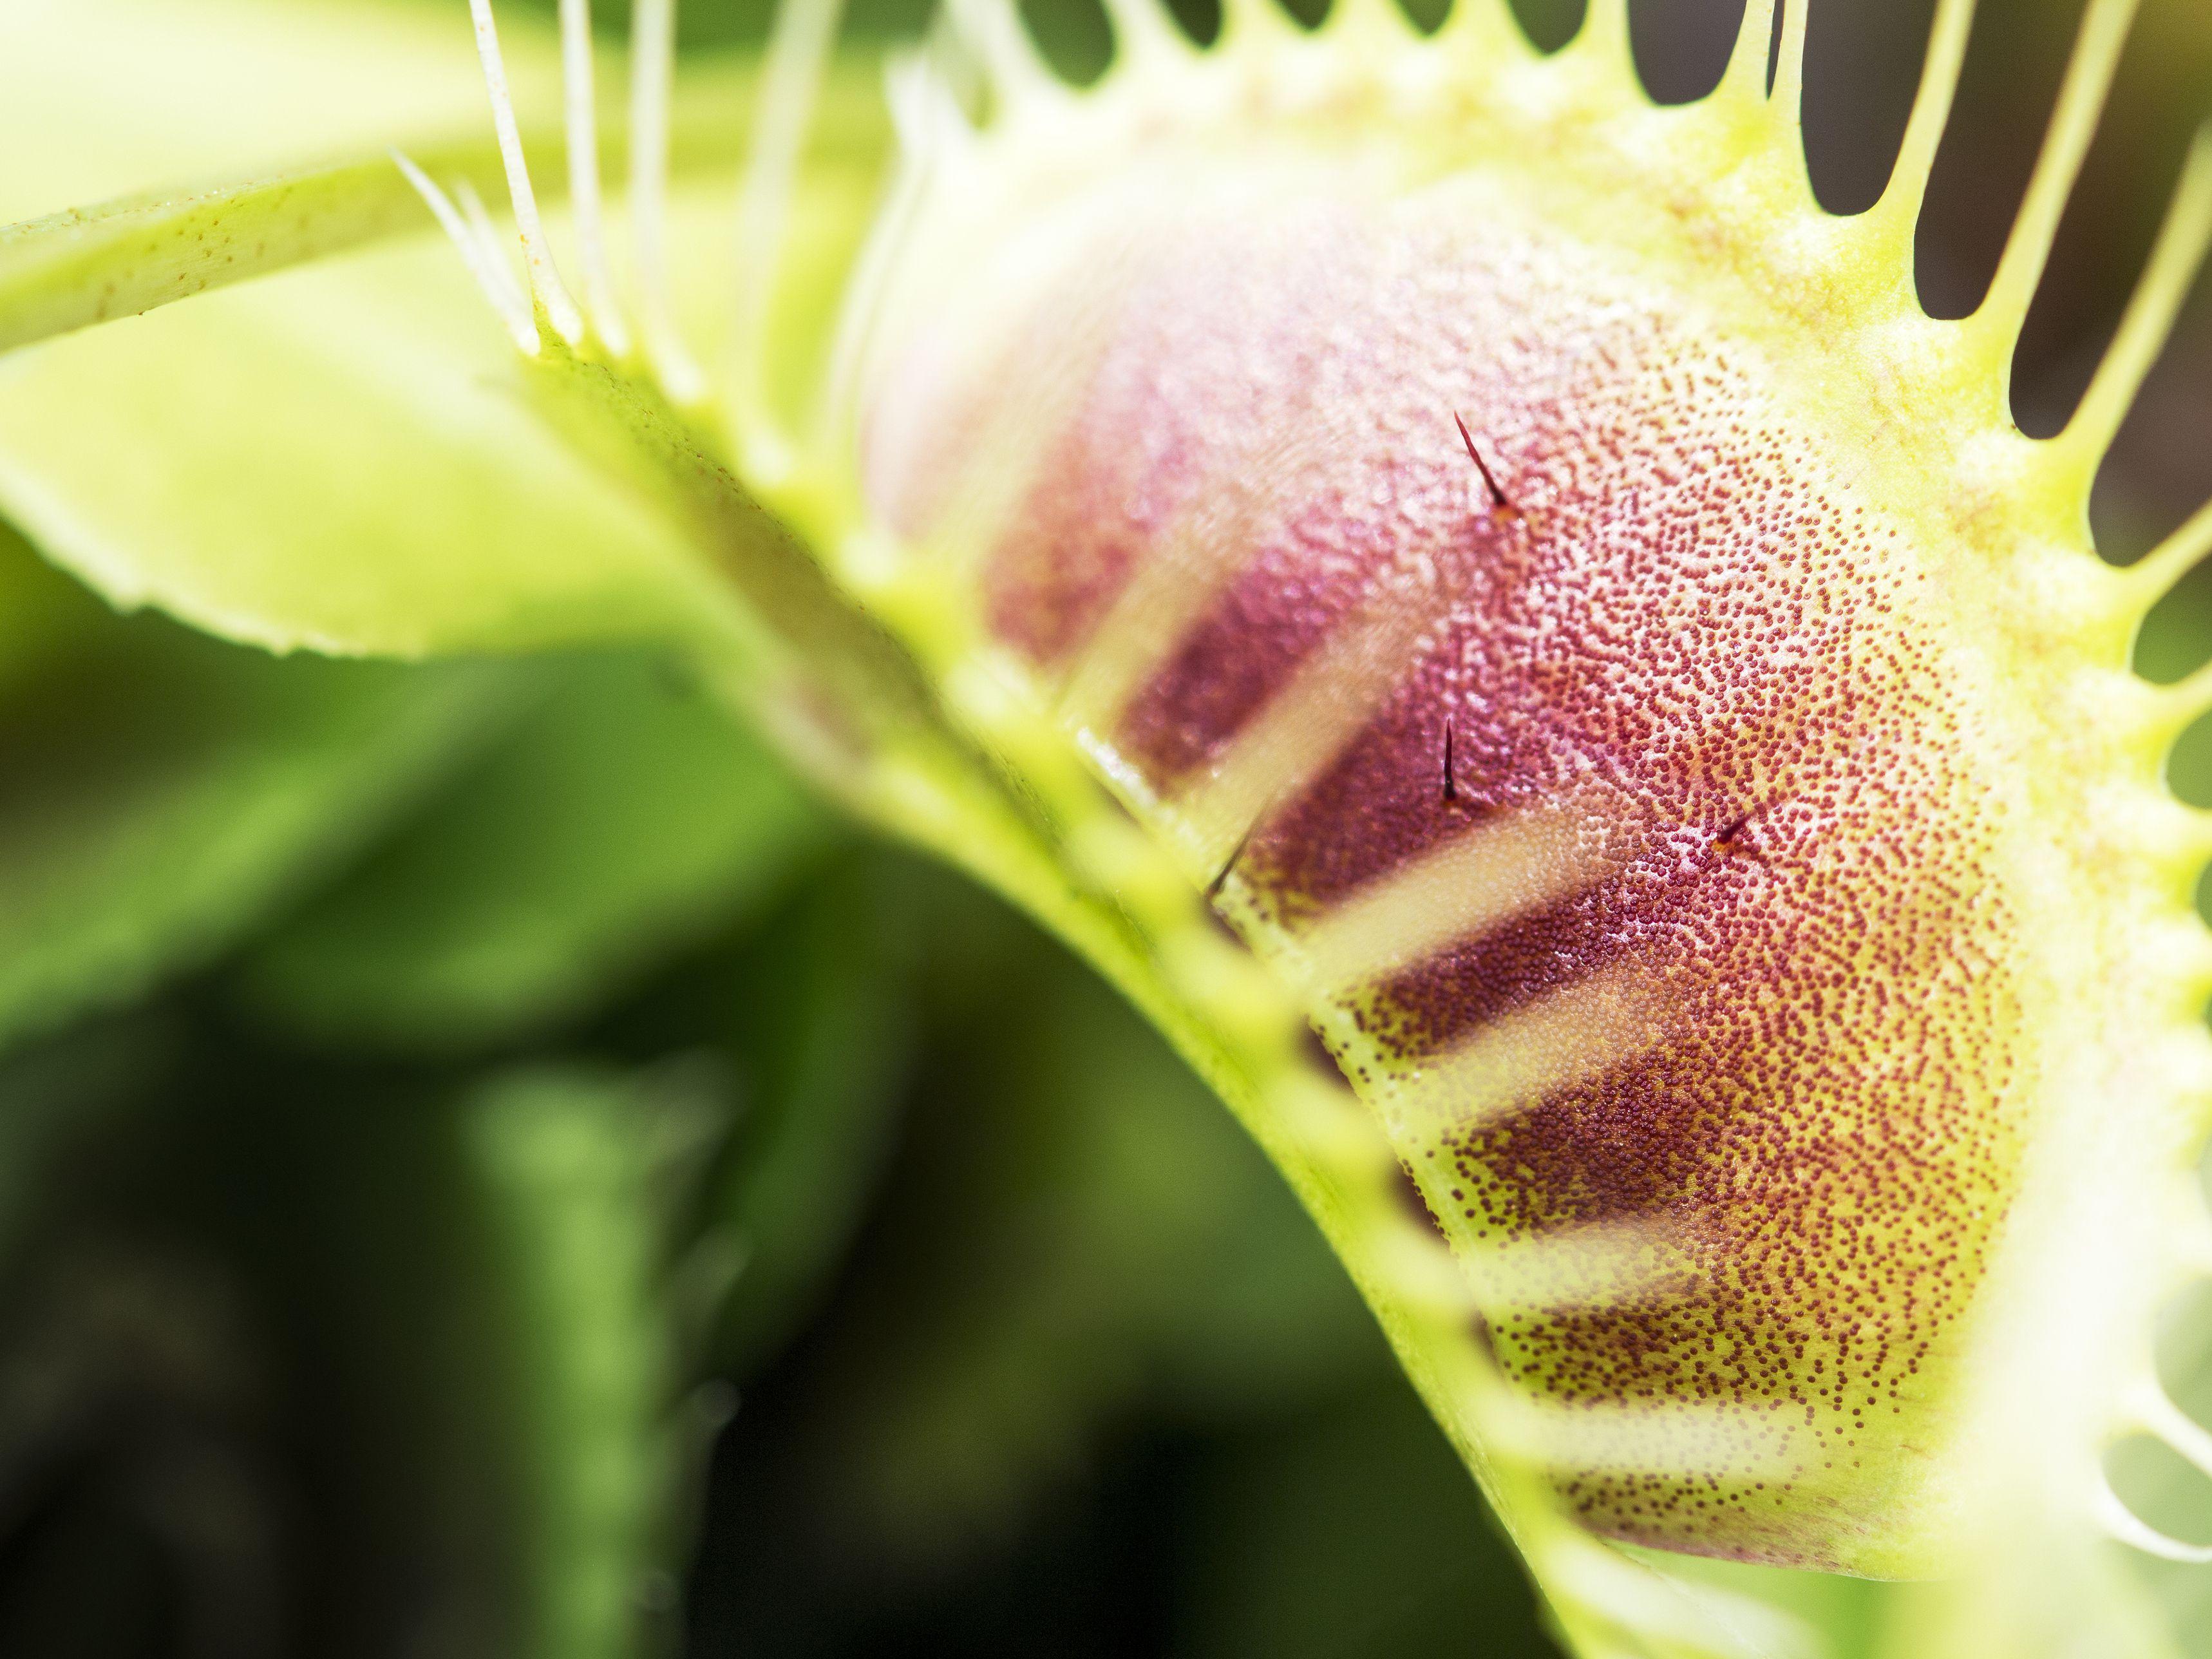 Venus Flytrap in Health and Medicine